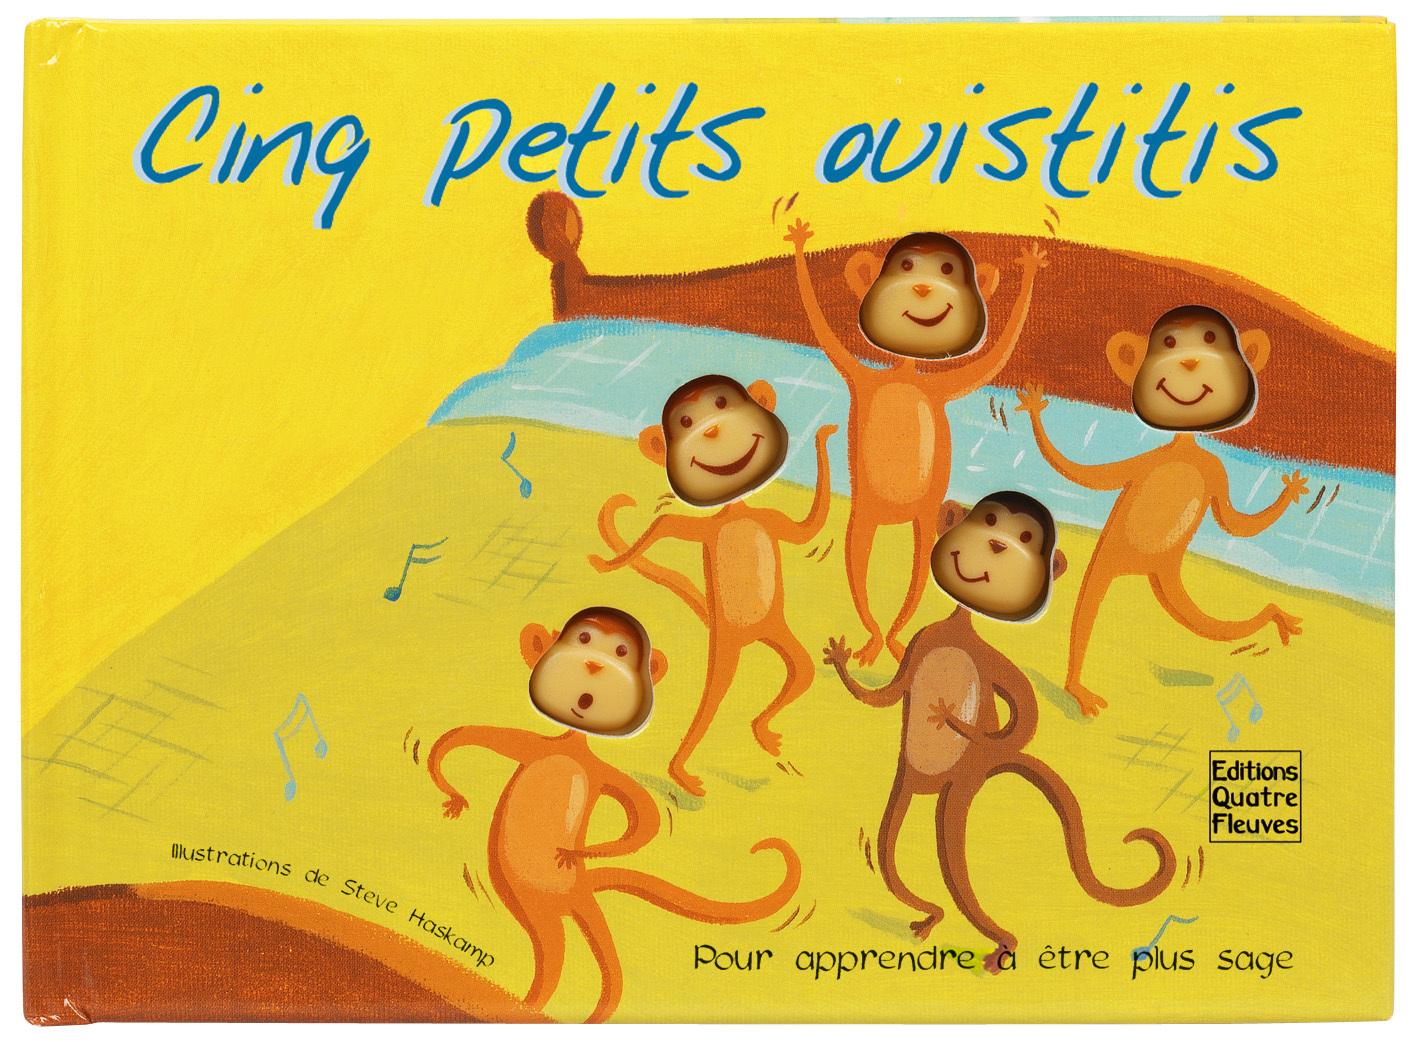 CINQ PETITS OUISTITIS